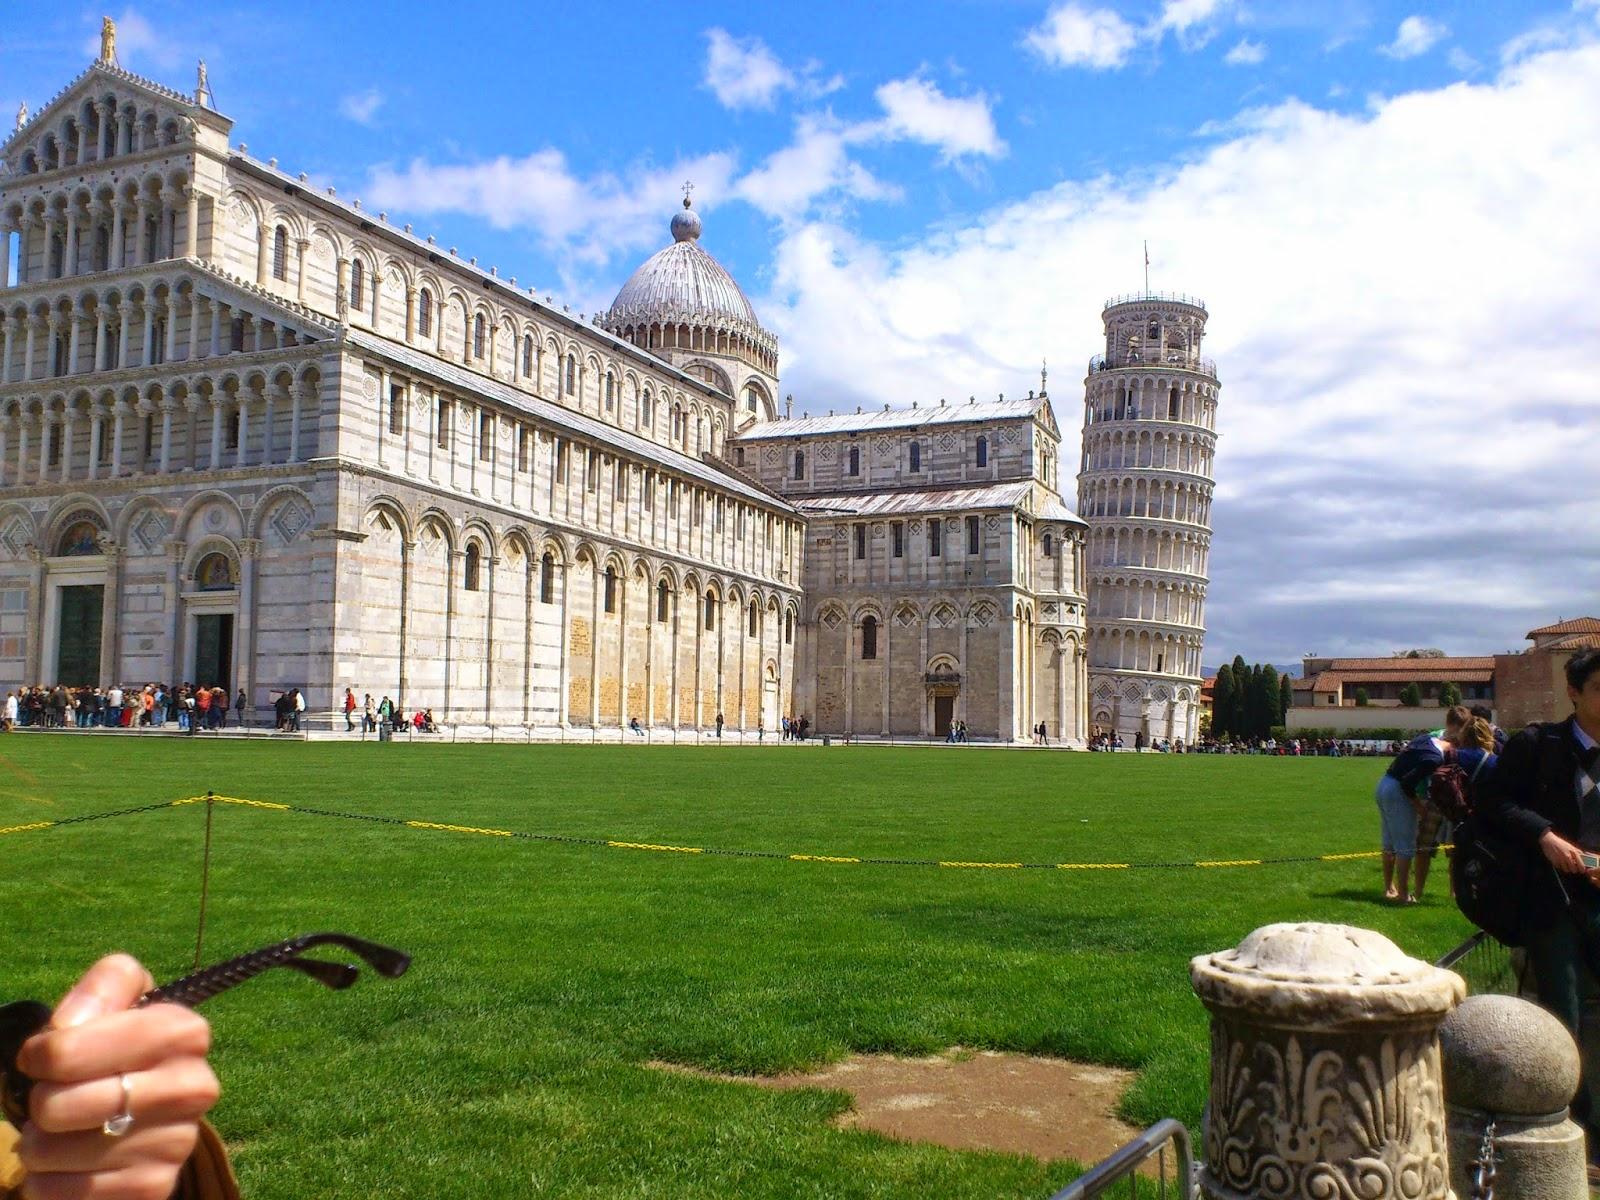 Torre e Catedral de Pisa - Itália